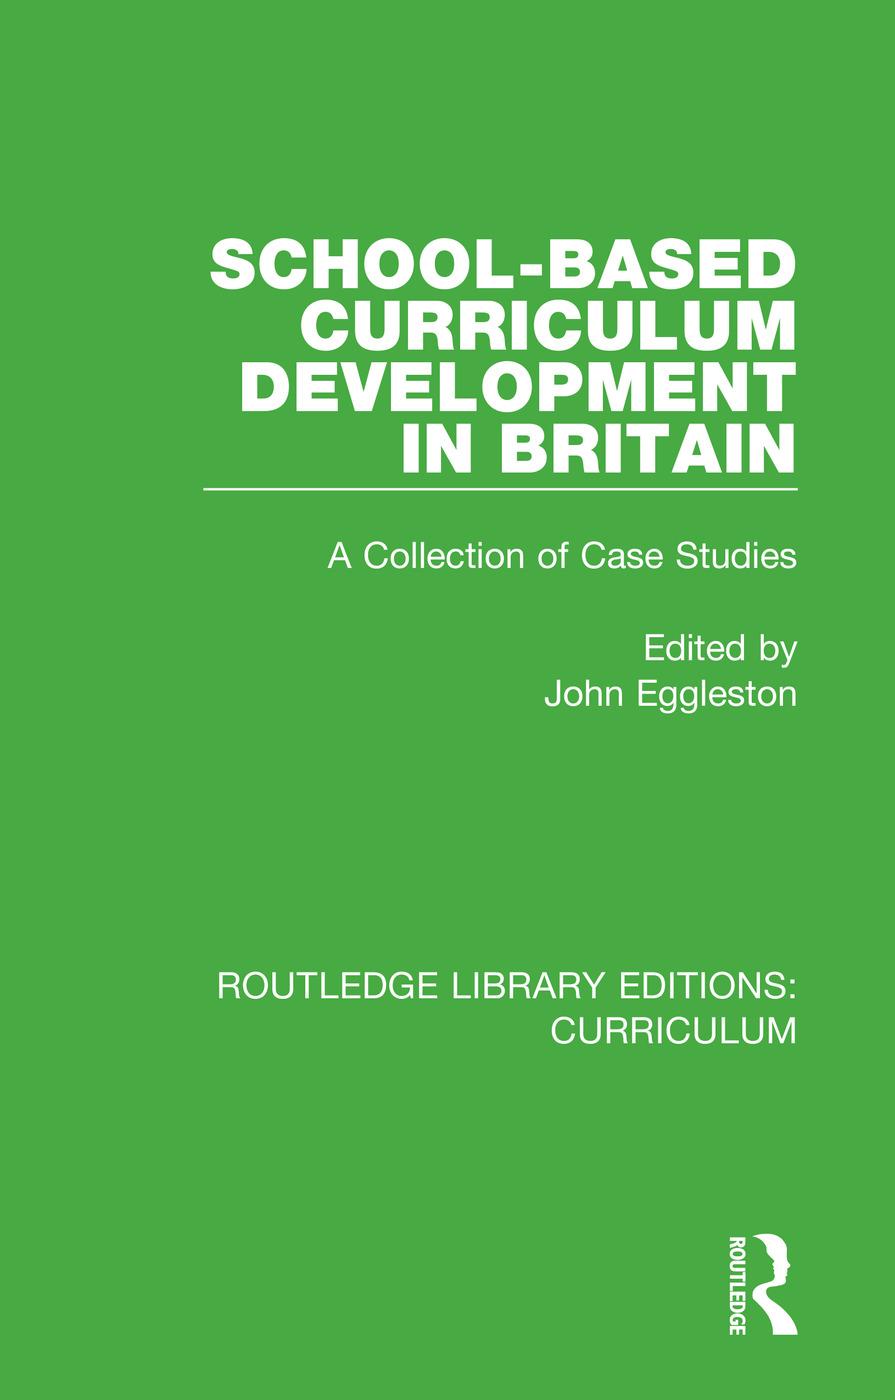 School-based Curriculum Development in Britain